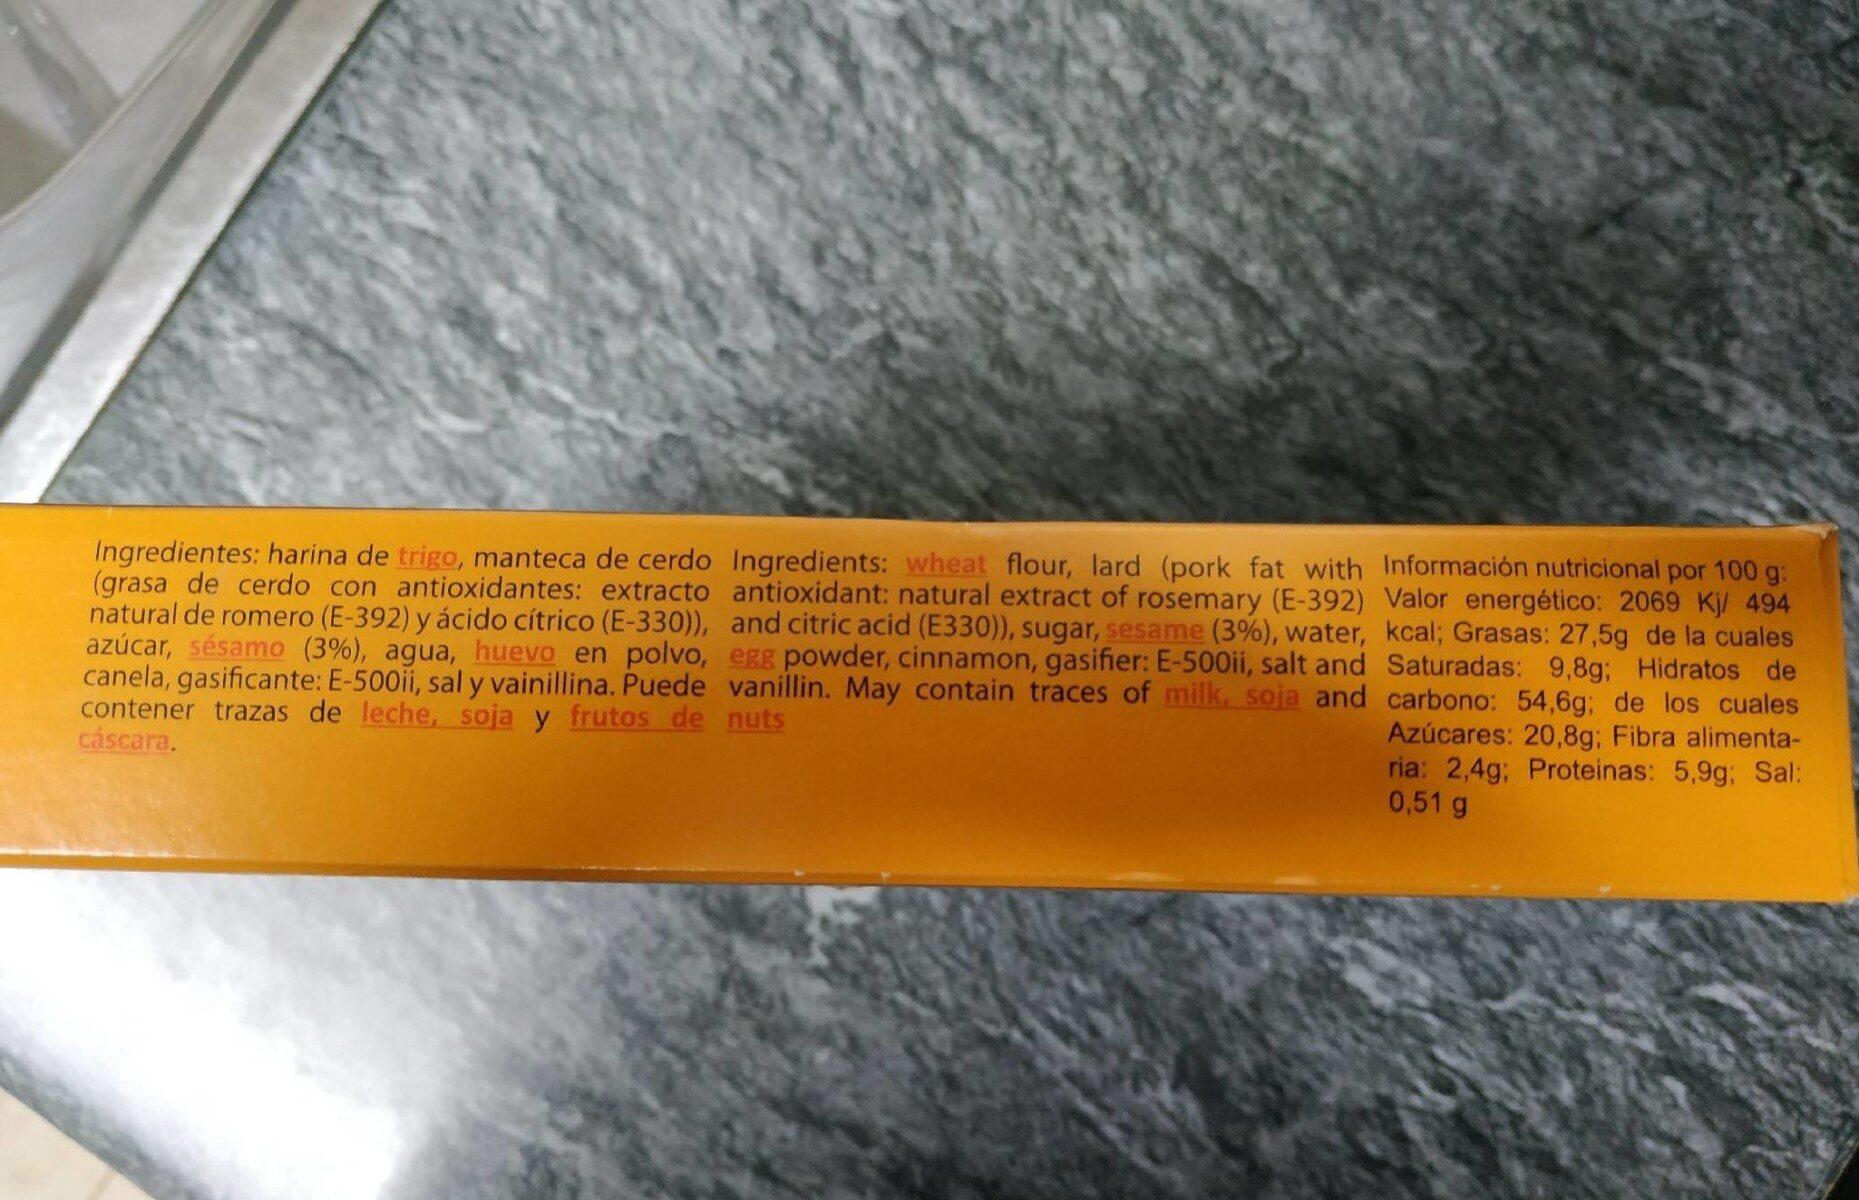 Delicias de ajonjolí - Información nutricional - es